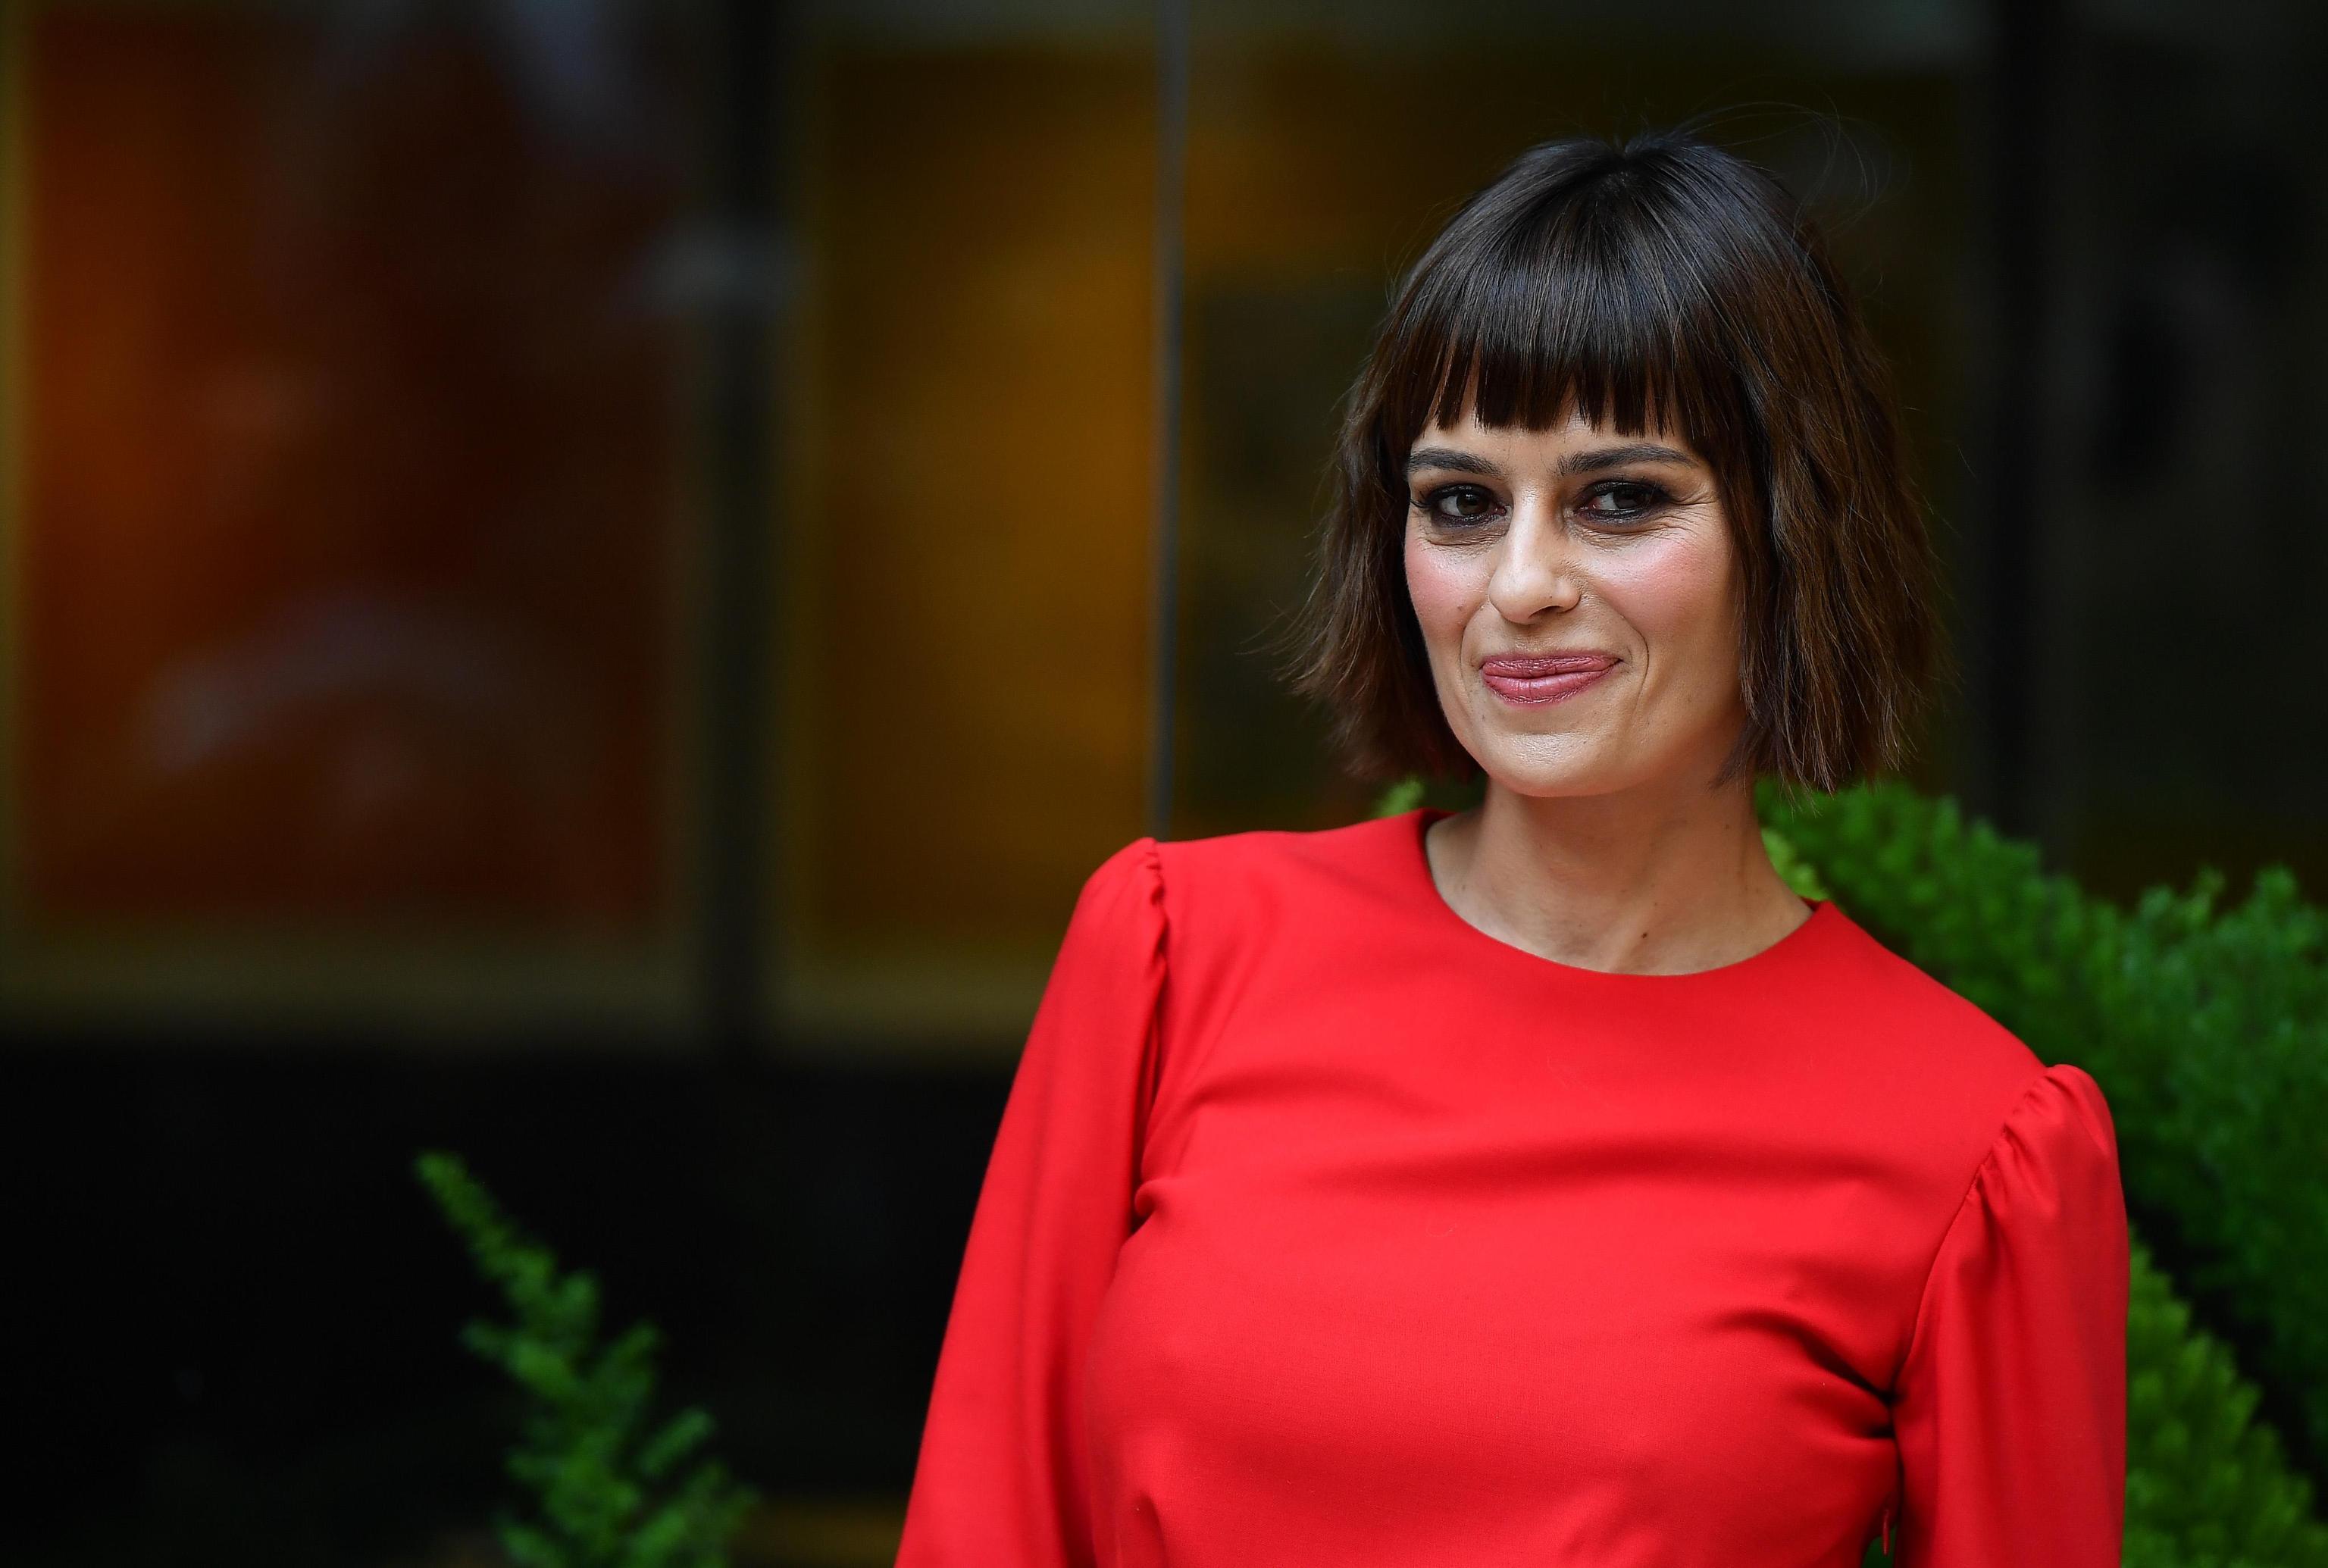 Claudia Pandolfi: 'Sono un po' lesbica dentro, ho ricevuto avances da donne e le ho accettate'